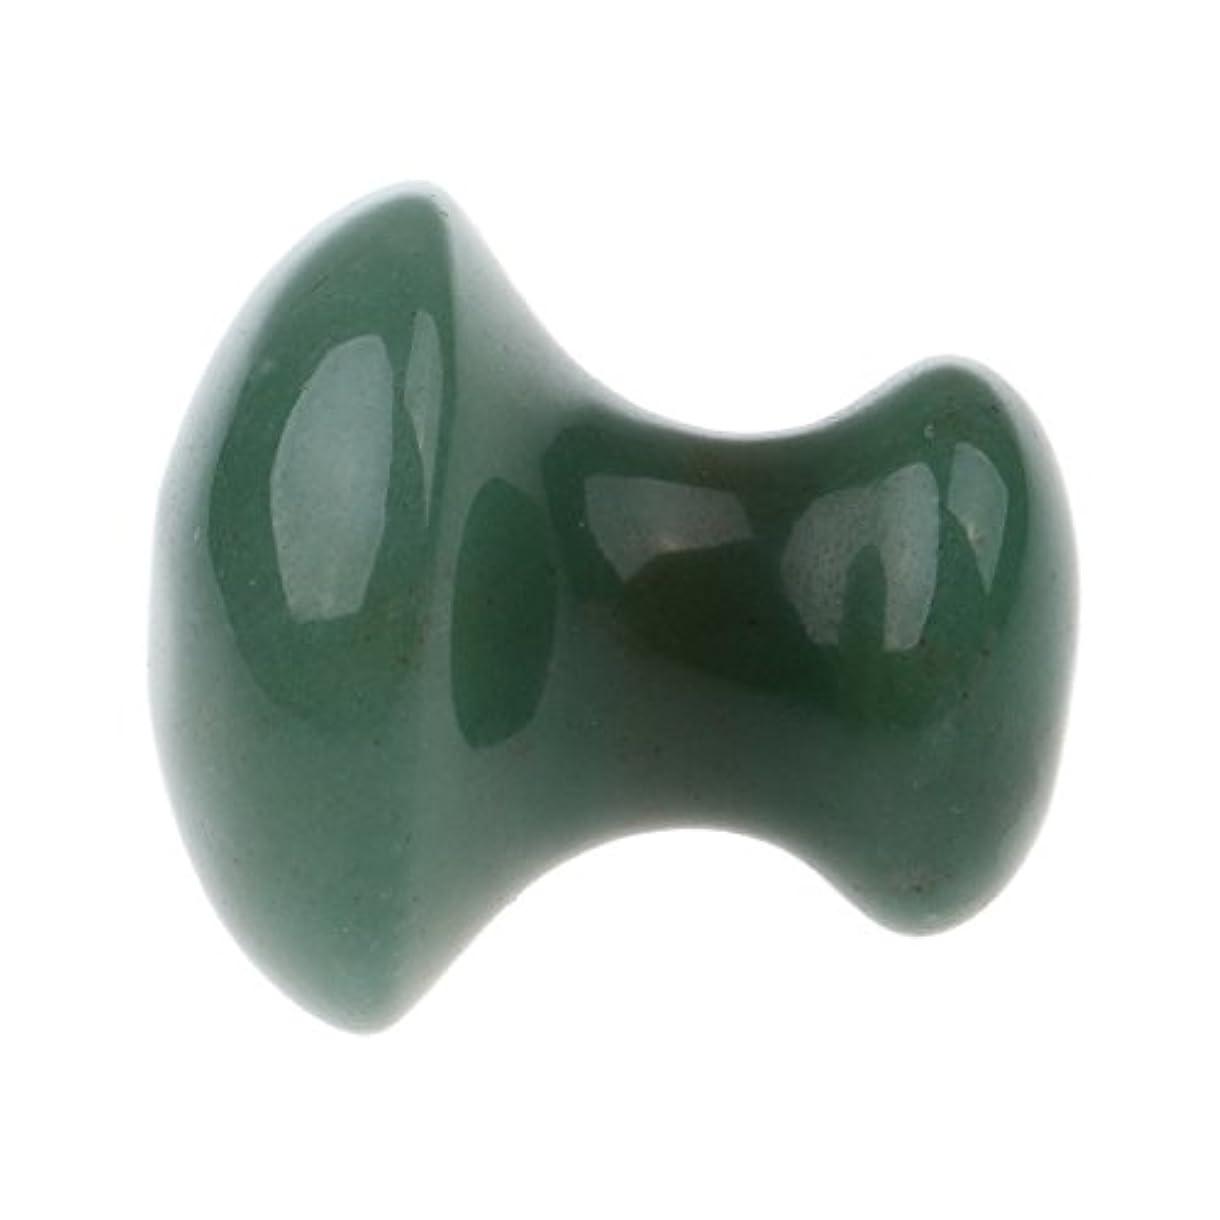 お酢敬意を表して影響力のあるマッサージストーン 石 ストーン 美容 マッシュルーム スキンケア 2色選べる - 緑